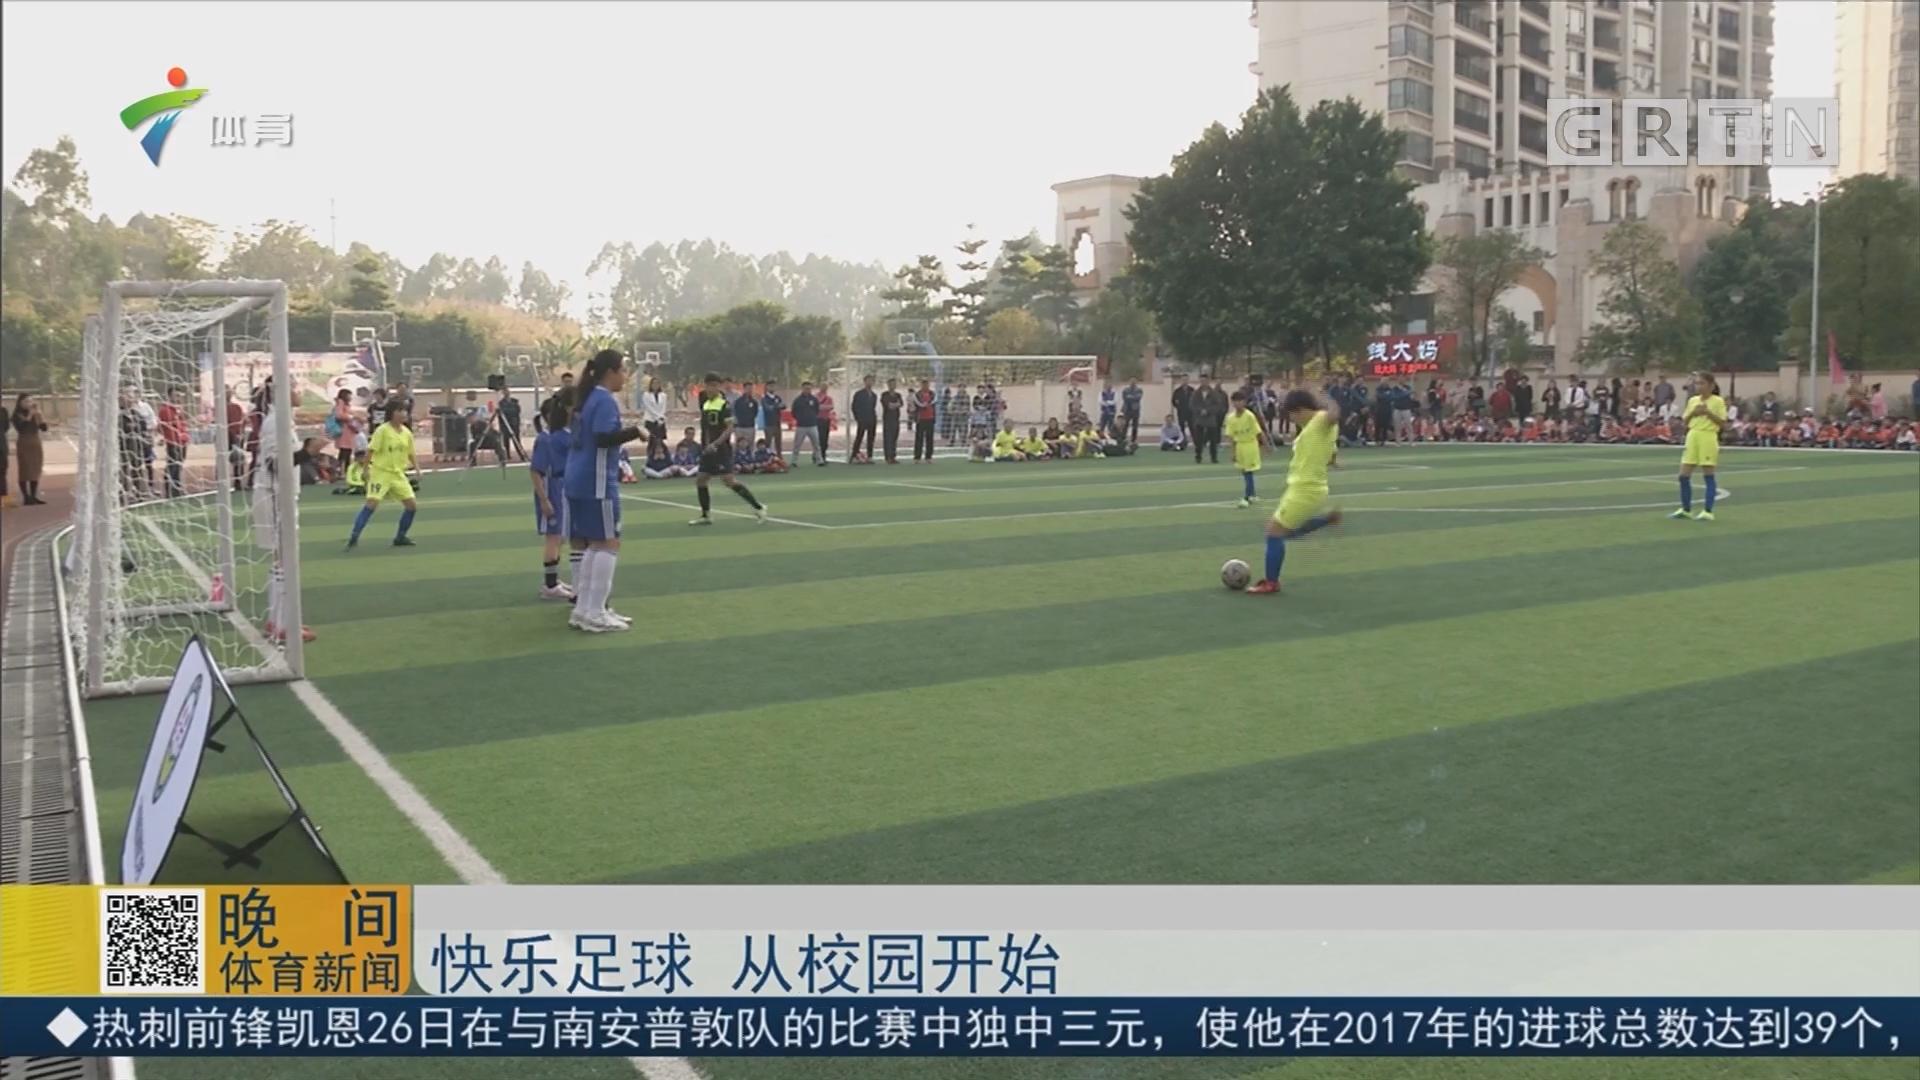 快乐足球 从校园开始